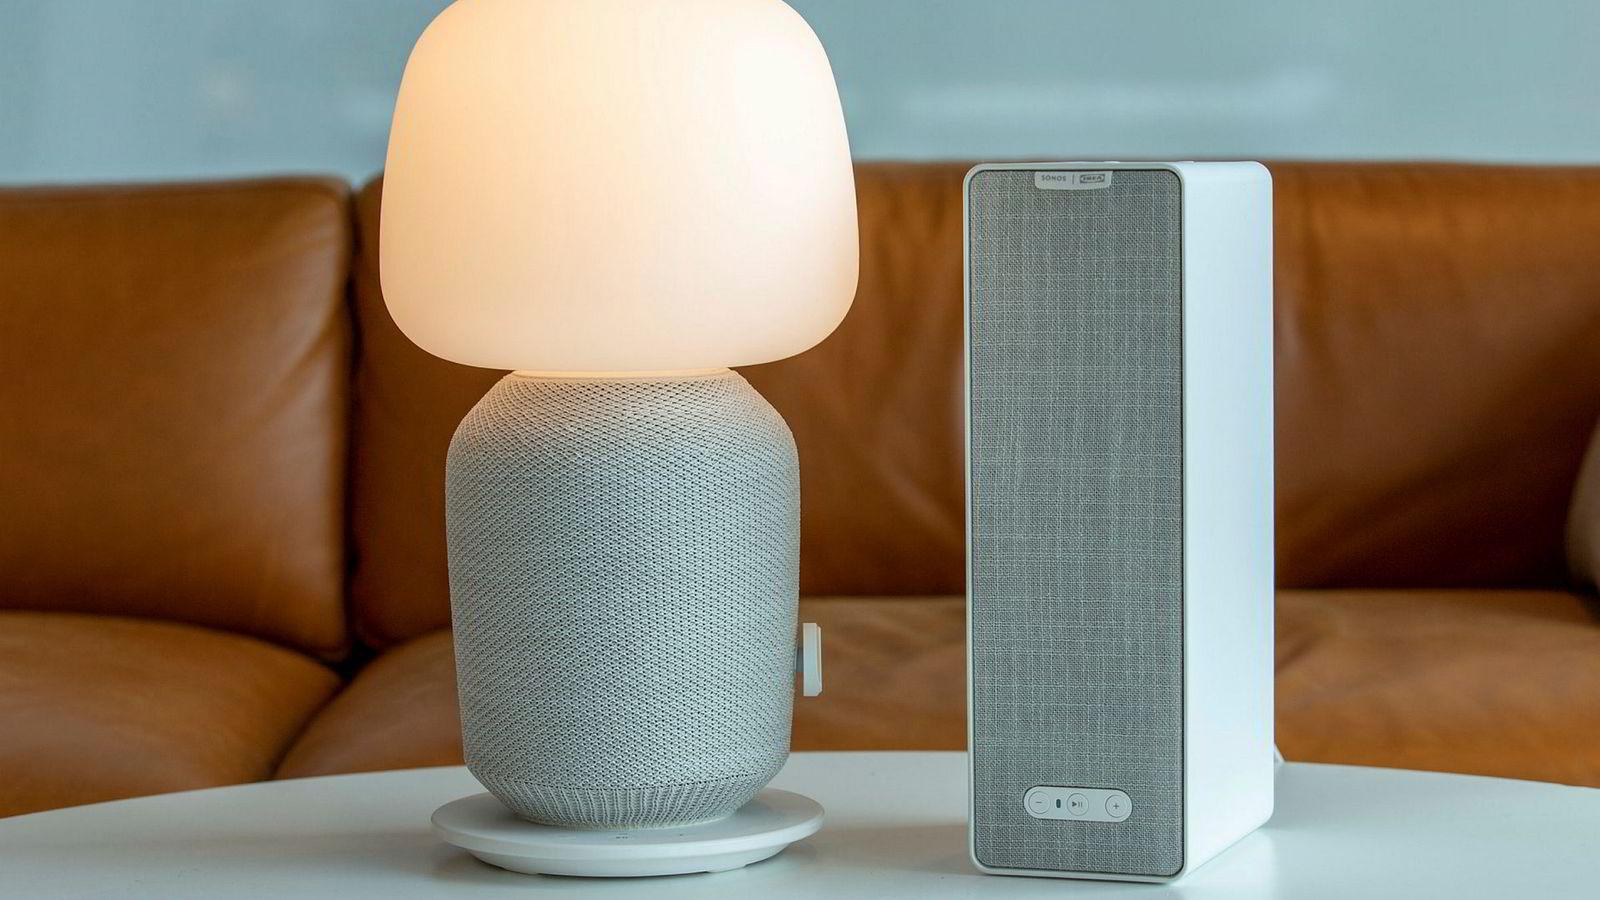 Ikea Symfonisk by Sonos kombinerer kvaliteten til Sonos med Ikeas prisnivå. Det blir vinn-vinn for forbrukerne.